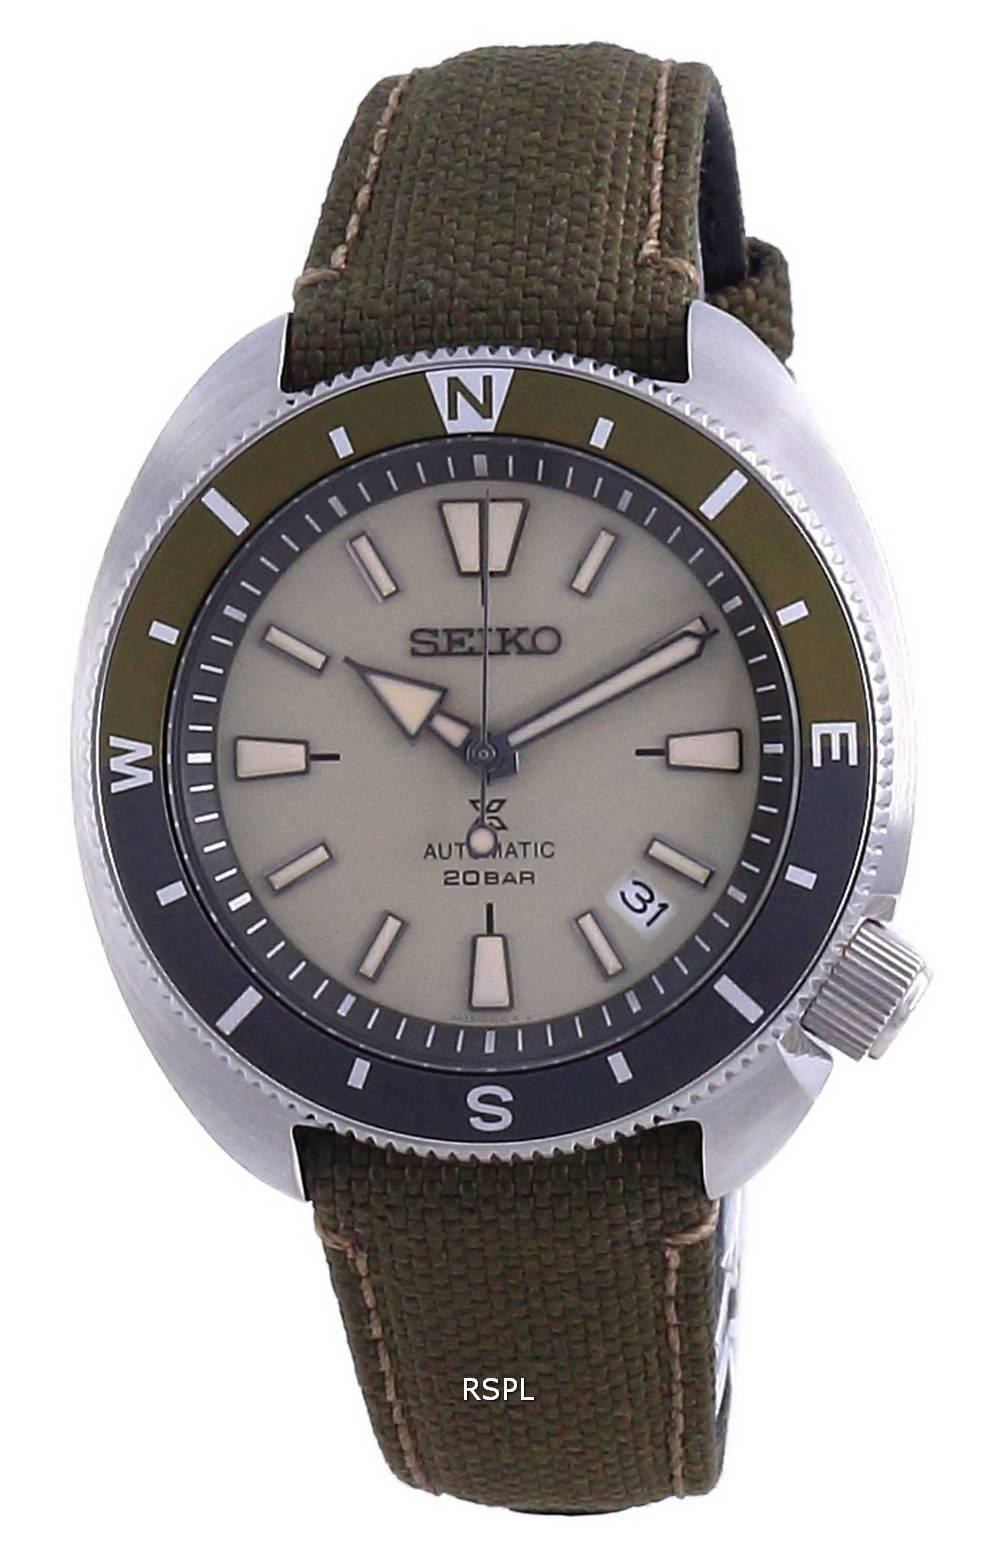 Seiko Prospex Land Tortoise Automatic Diver SRPG13 SRPG13K1 SRPG13K 200M miesten kello